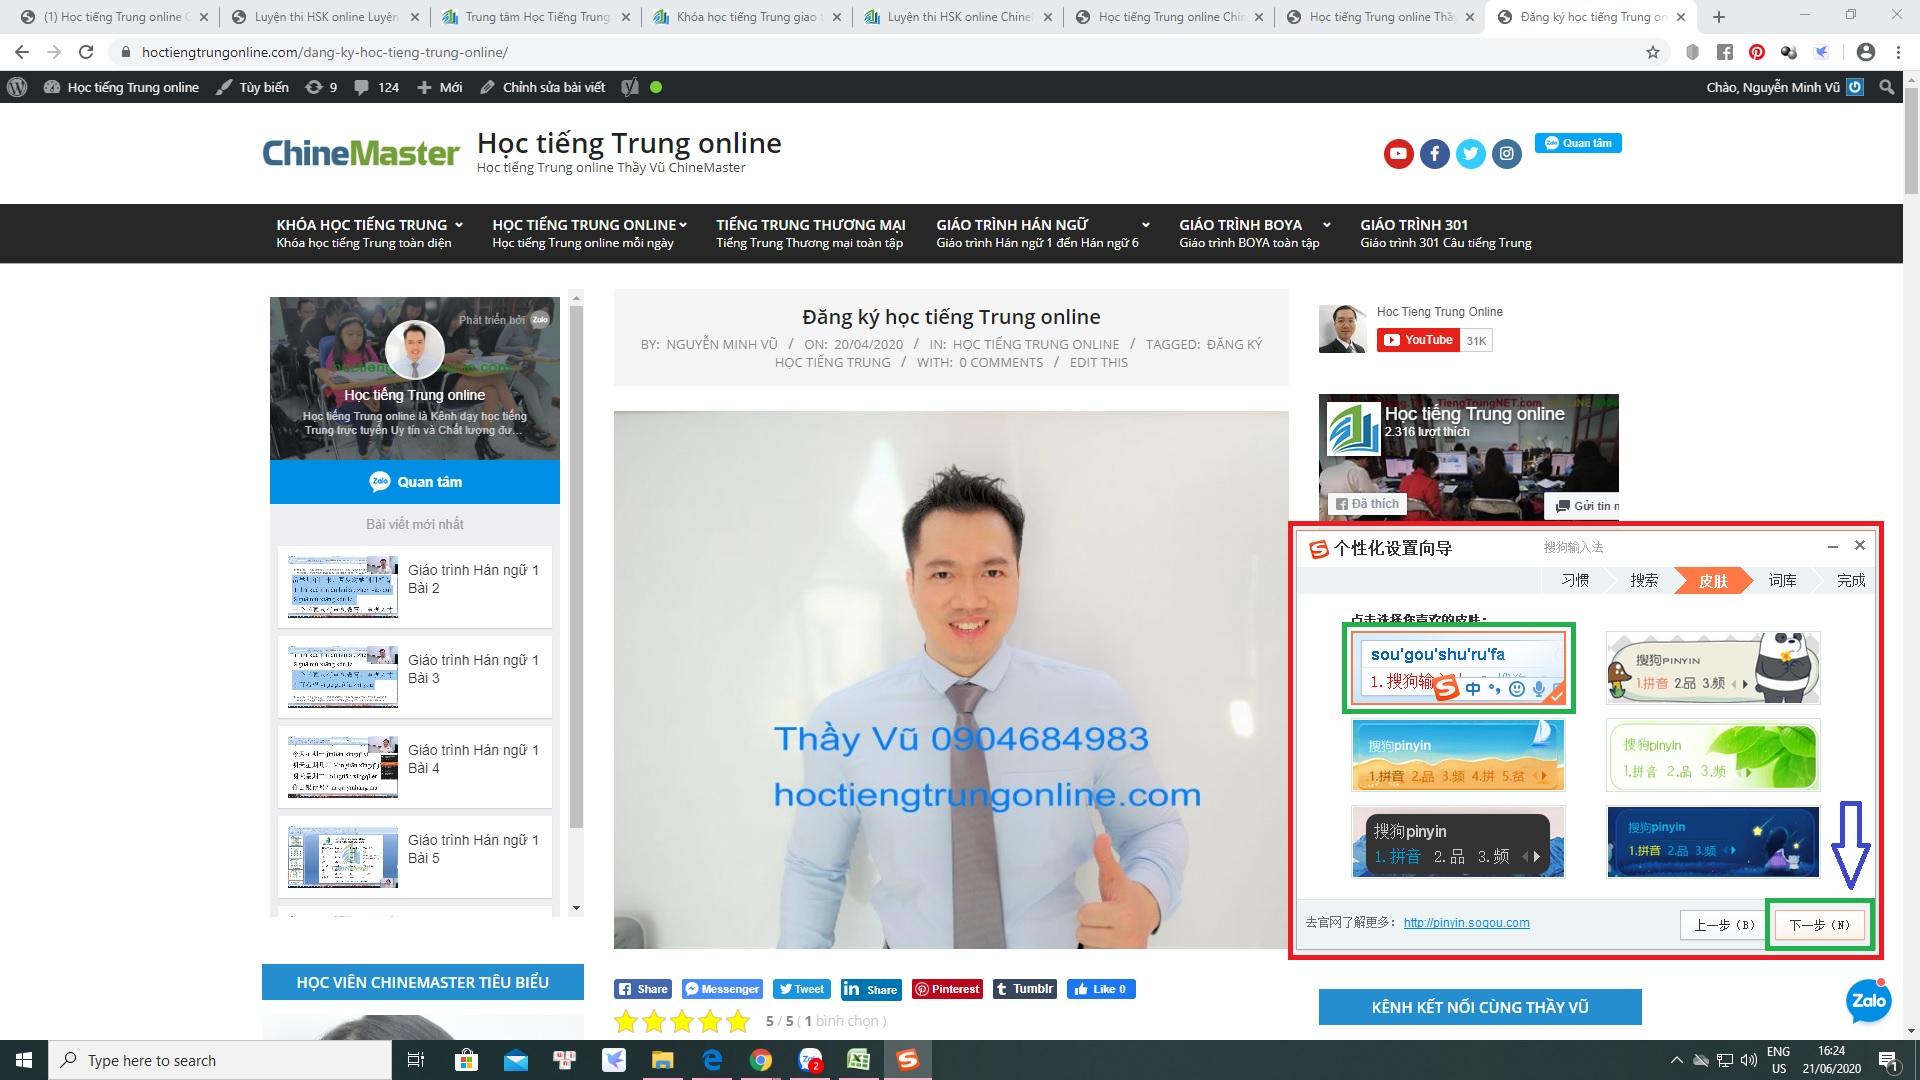 Download bộ gõ tiếng Hoa SoGou PinYin bộ gõ tiếng Trung Quốc được sử dụng nhiều nhất và phổ biến nhất hiện nay